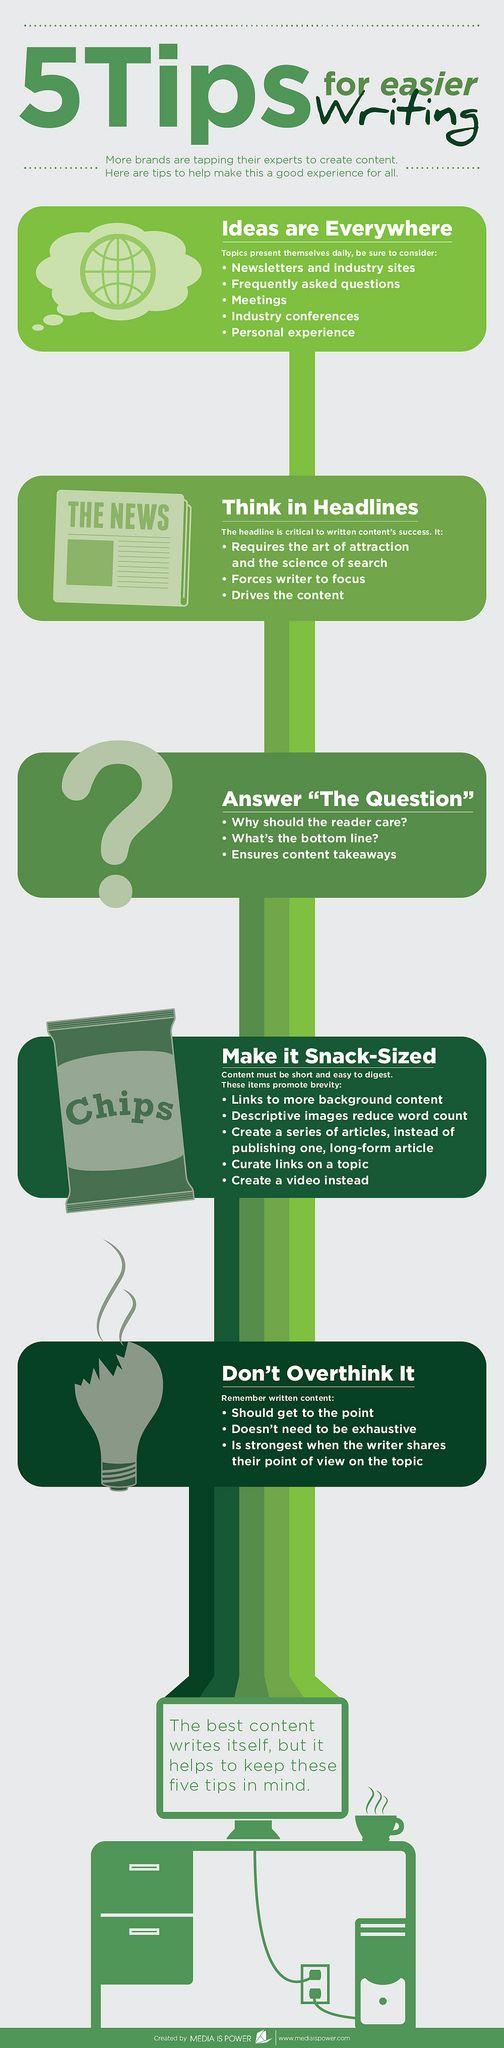 5 Tips for easier writing. #tips #2013